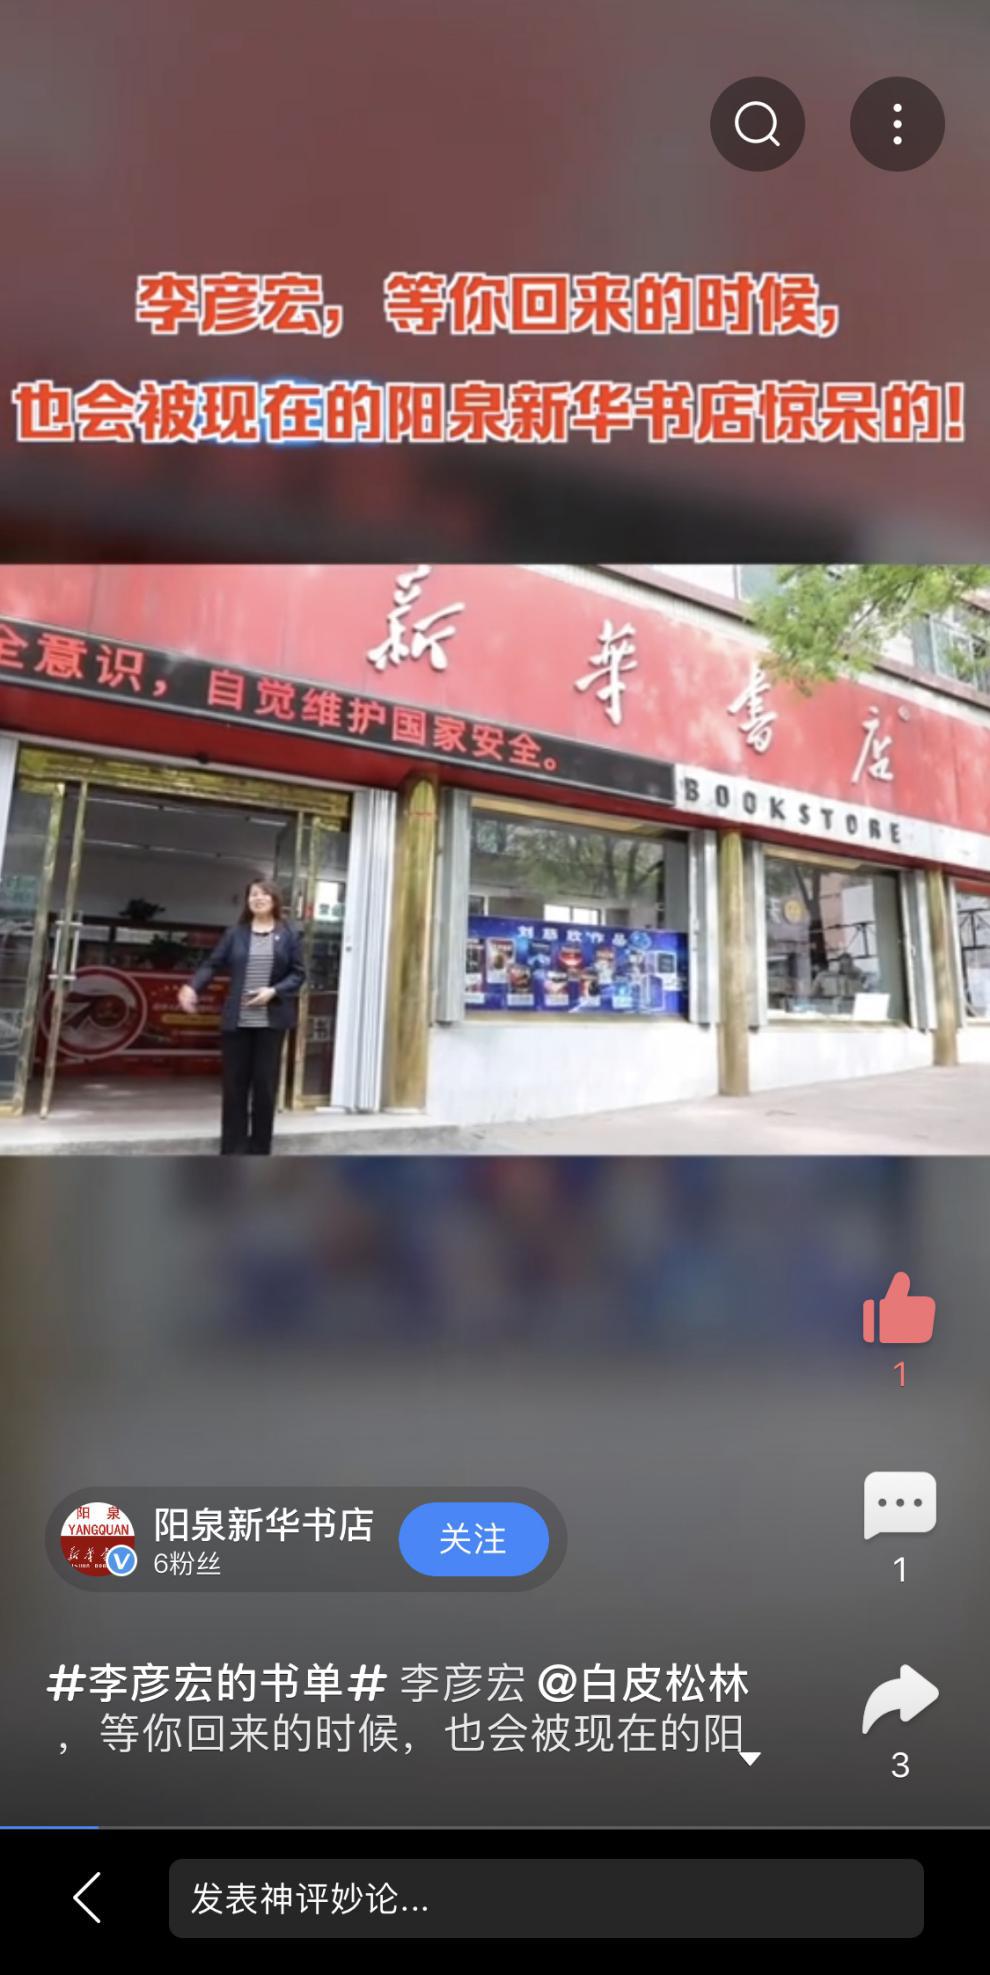 百度官方回应阳泉书店老板 欢迎来百度APP看李彦宏直播首秀